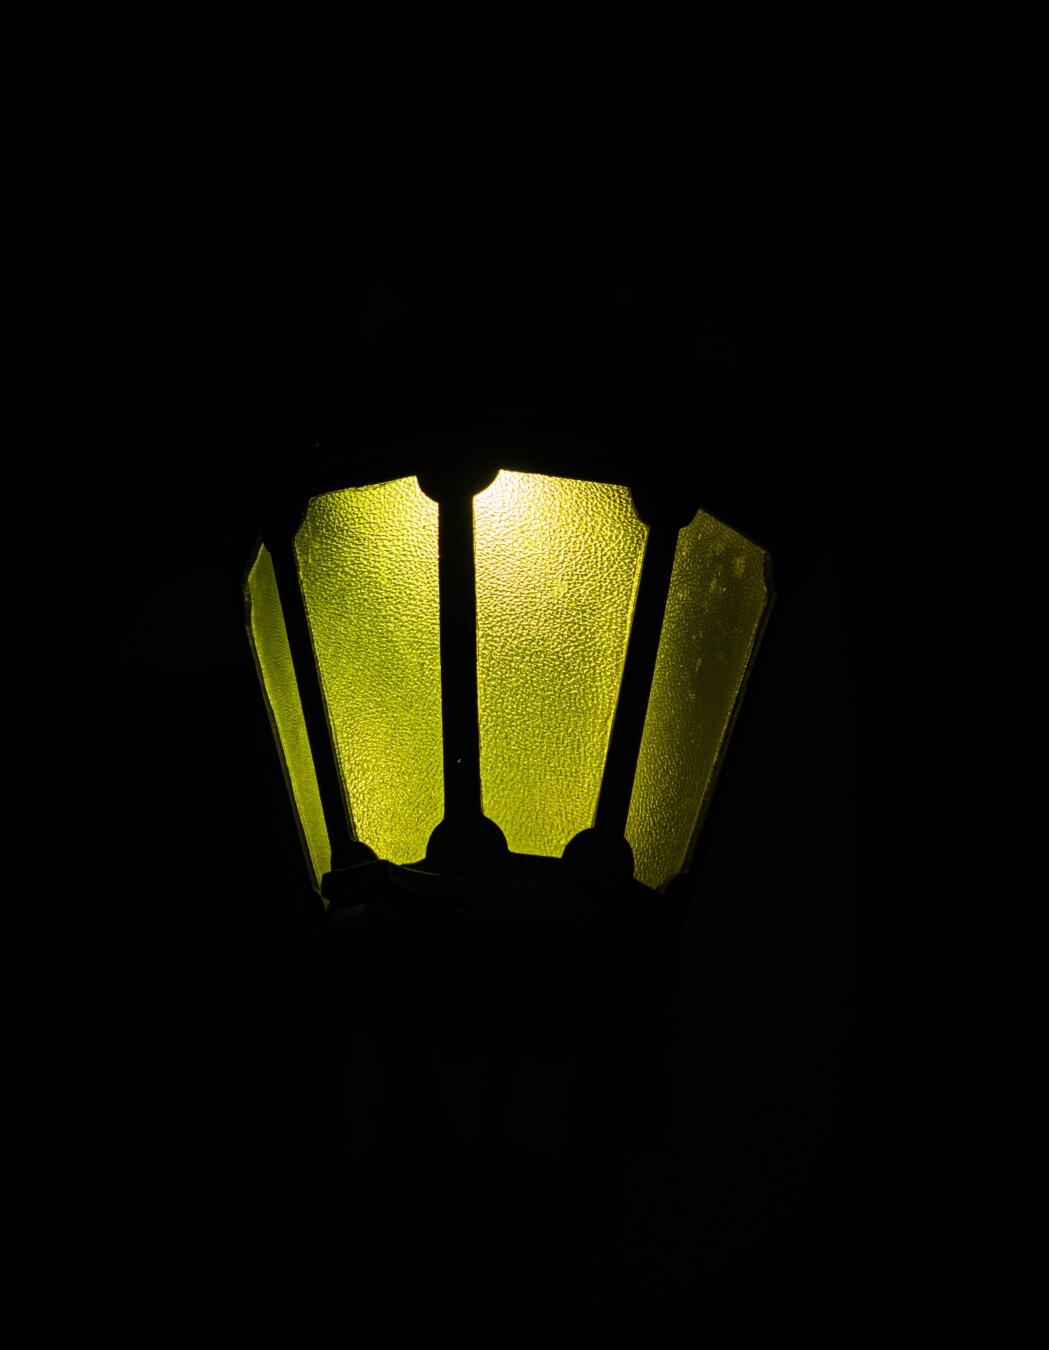 hell, grünlich gelb, Licht, Dunkelheit, Laterne, Lampe, Strom, Glühbirne, Dunkel, fluoreszierende